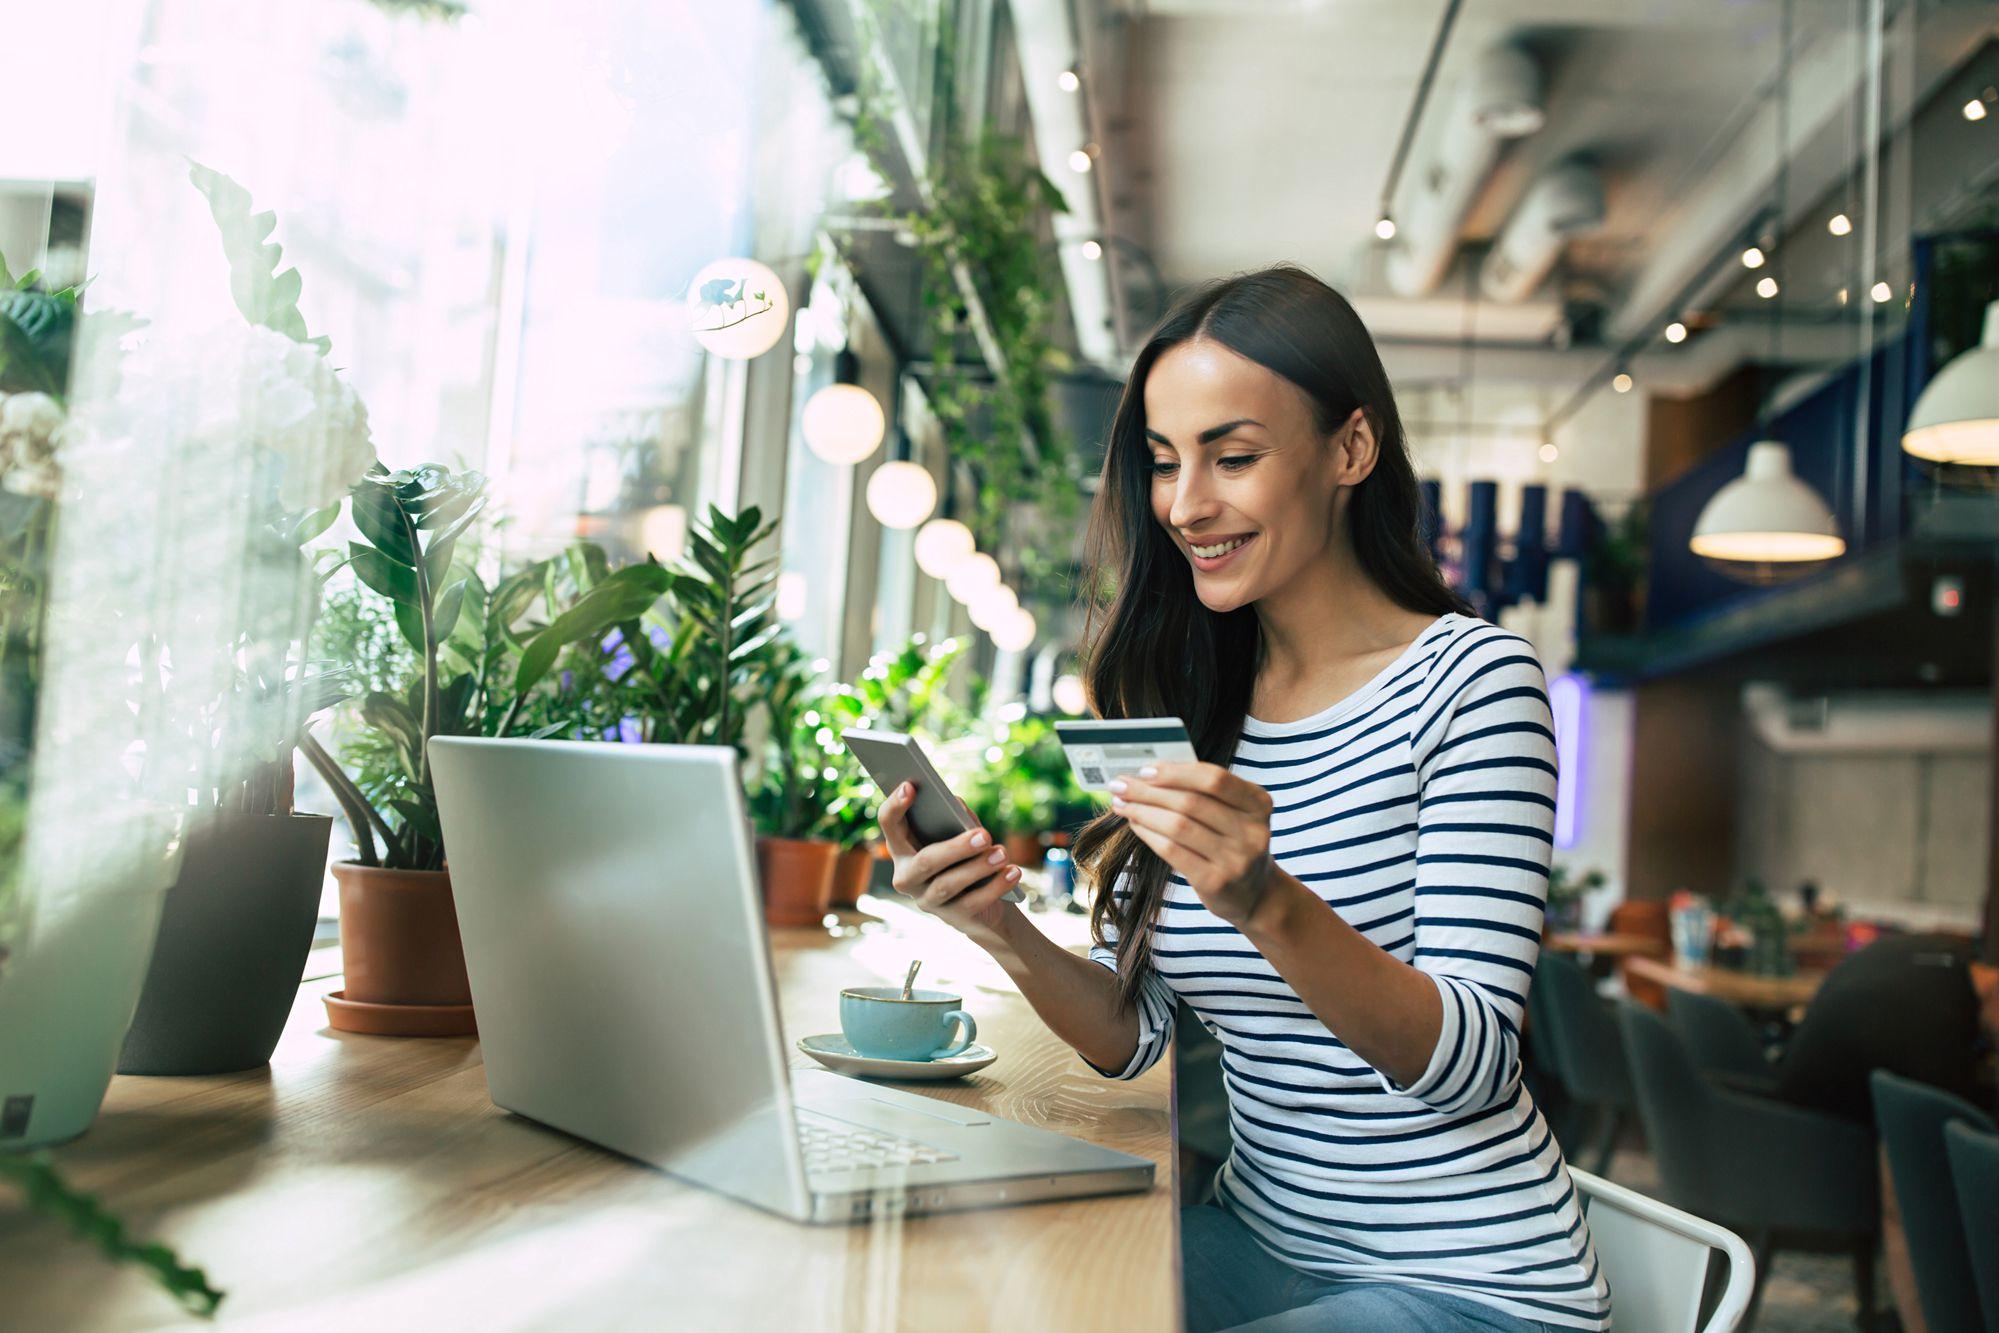 Comércio eletrônico, redes sociais e tendências para 2019